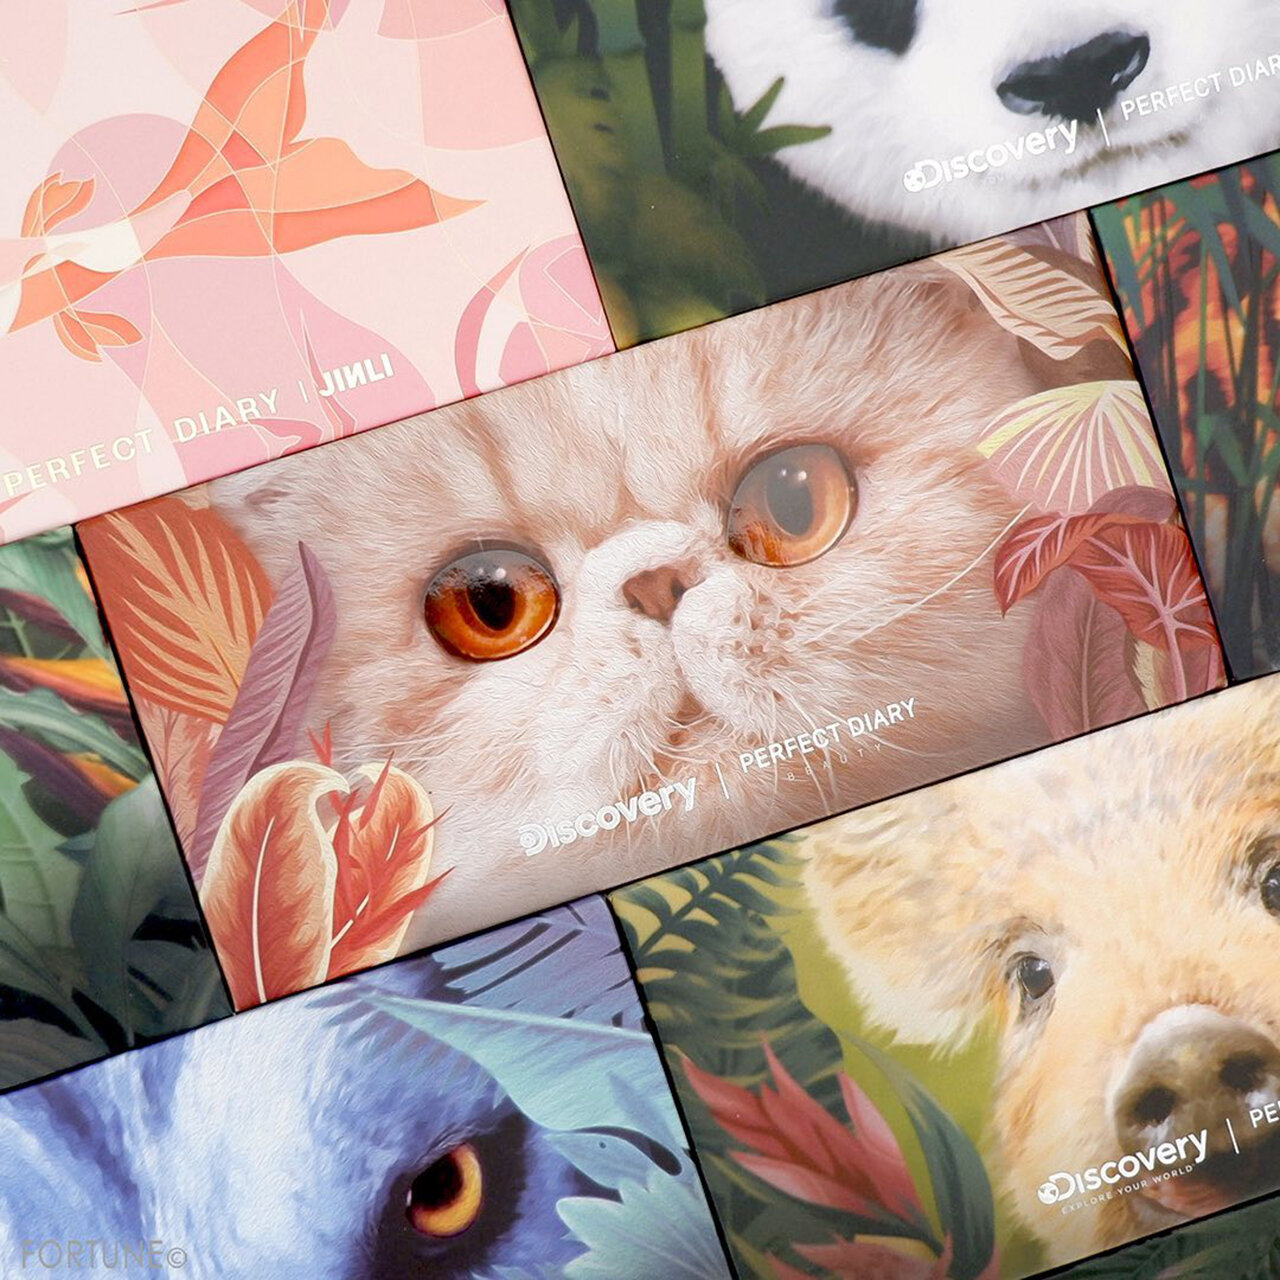 Perfect Diary(パーフェクトダイアリー)『エクスプローラ12色アイシャドウパレット』09 The Cat